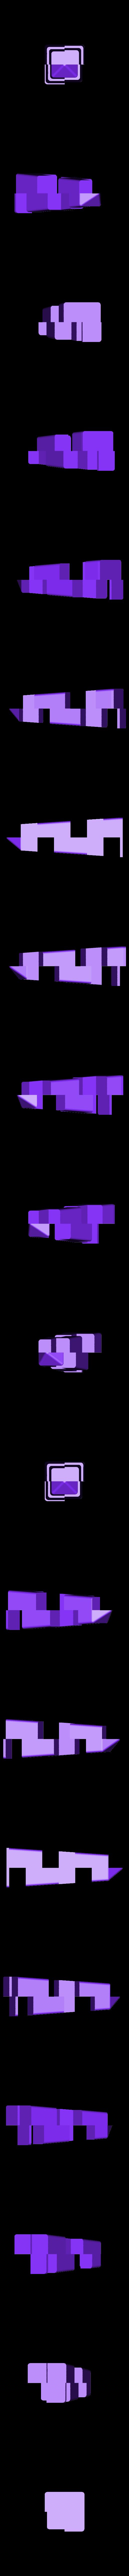 test_obelisco_espiral_extr2.stl Télécharger fichier STL gratuit Calibrage de l'extrudeuse double • Objet à imprimer en 3D, saginau